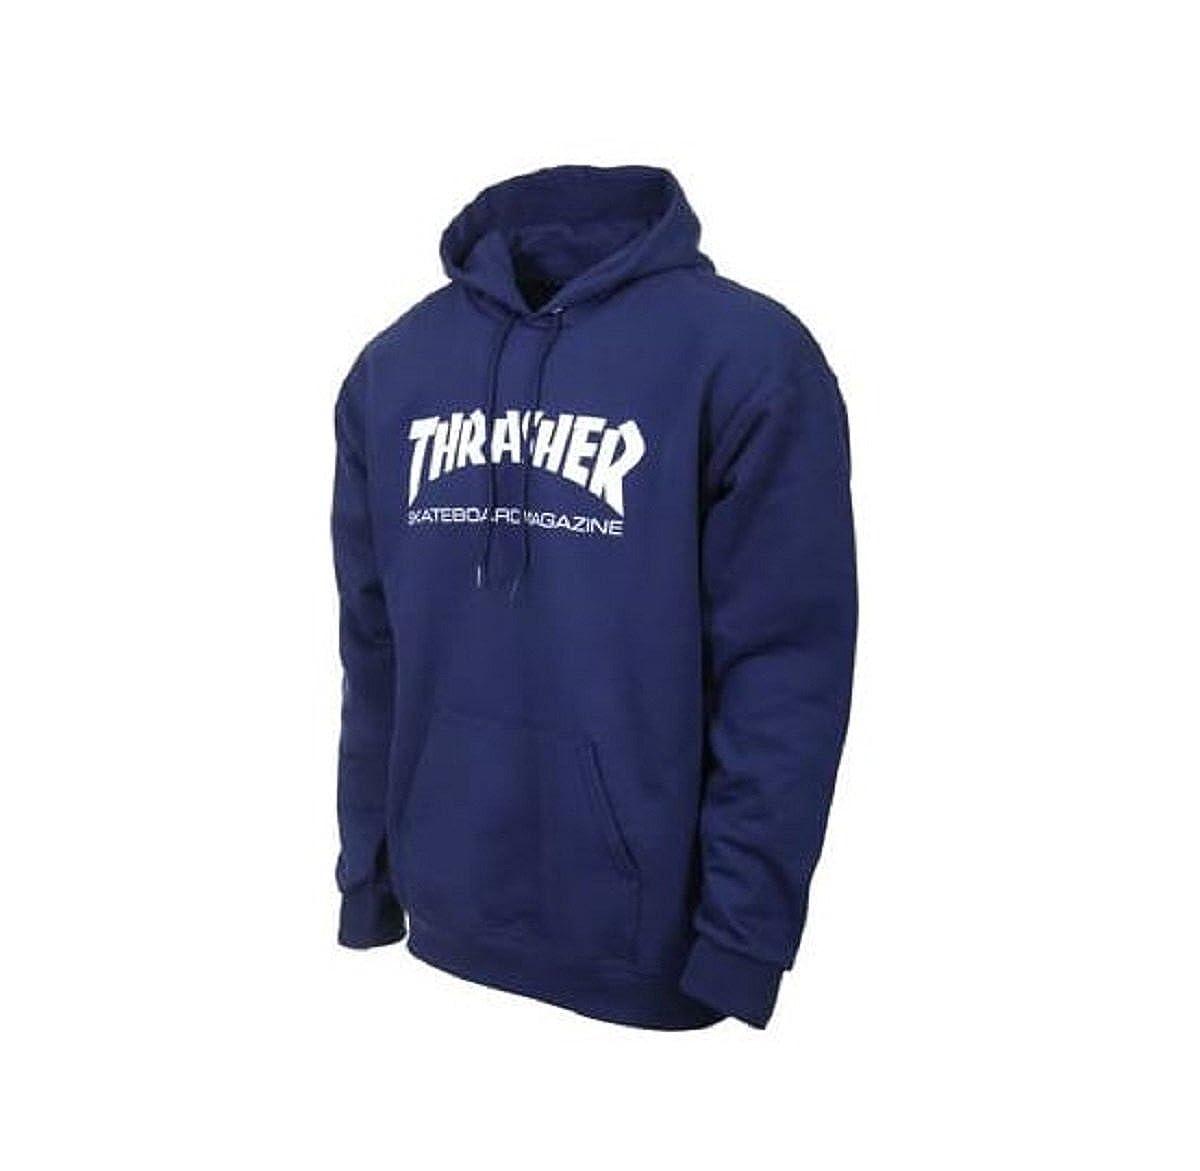 2ab41fc17bf0 Thrasher Skate Mag Hoodie